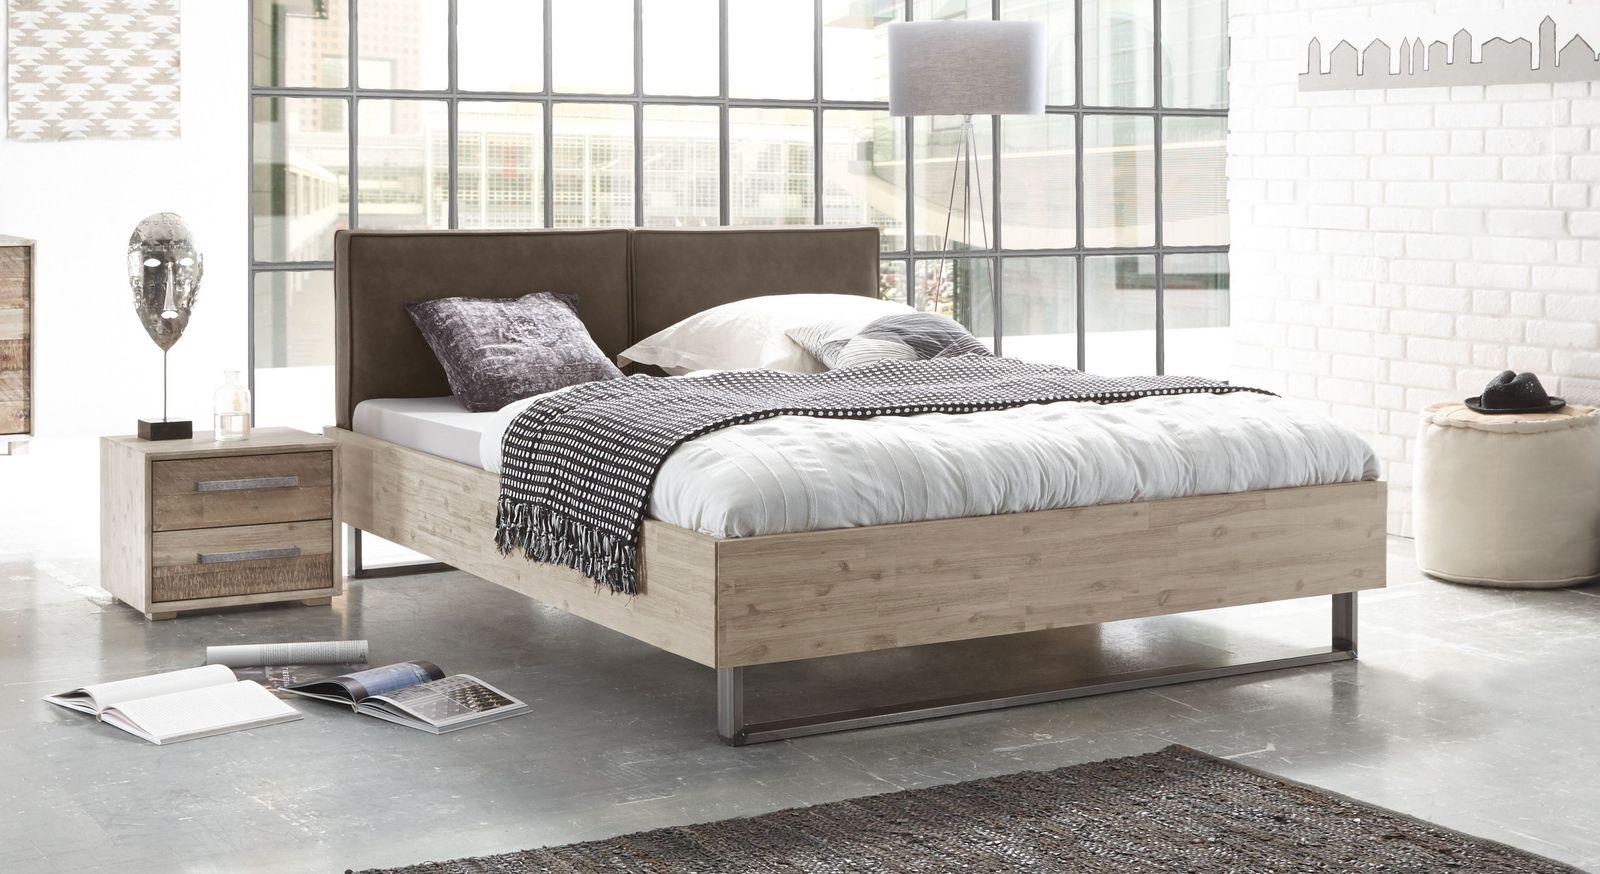 Rustikales Design-Bett Tampere